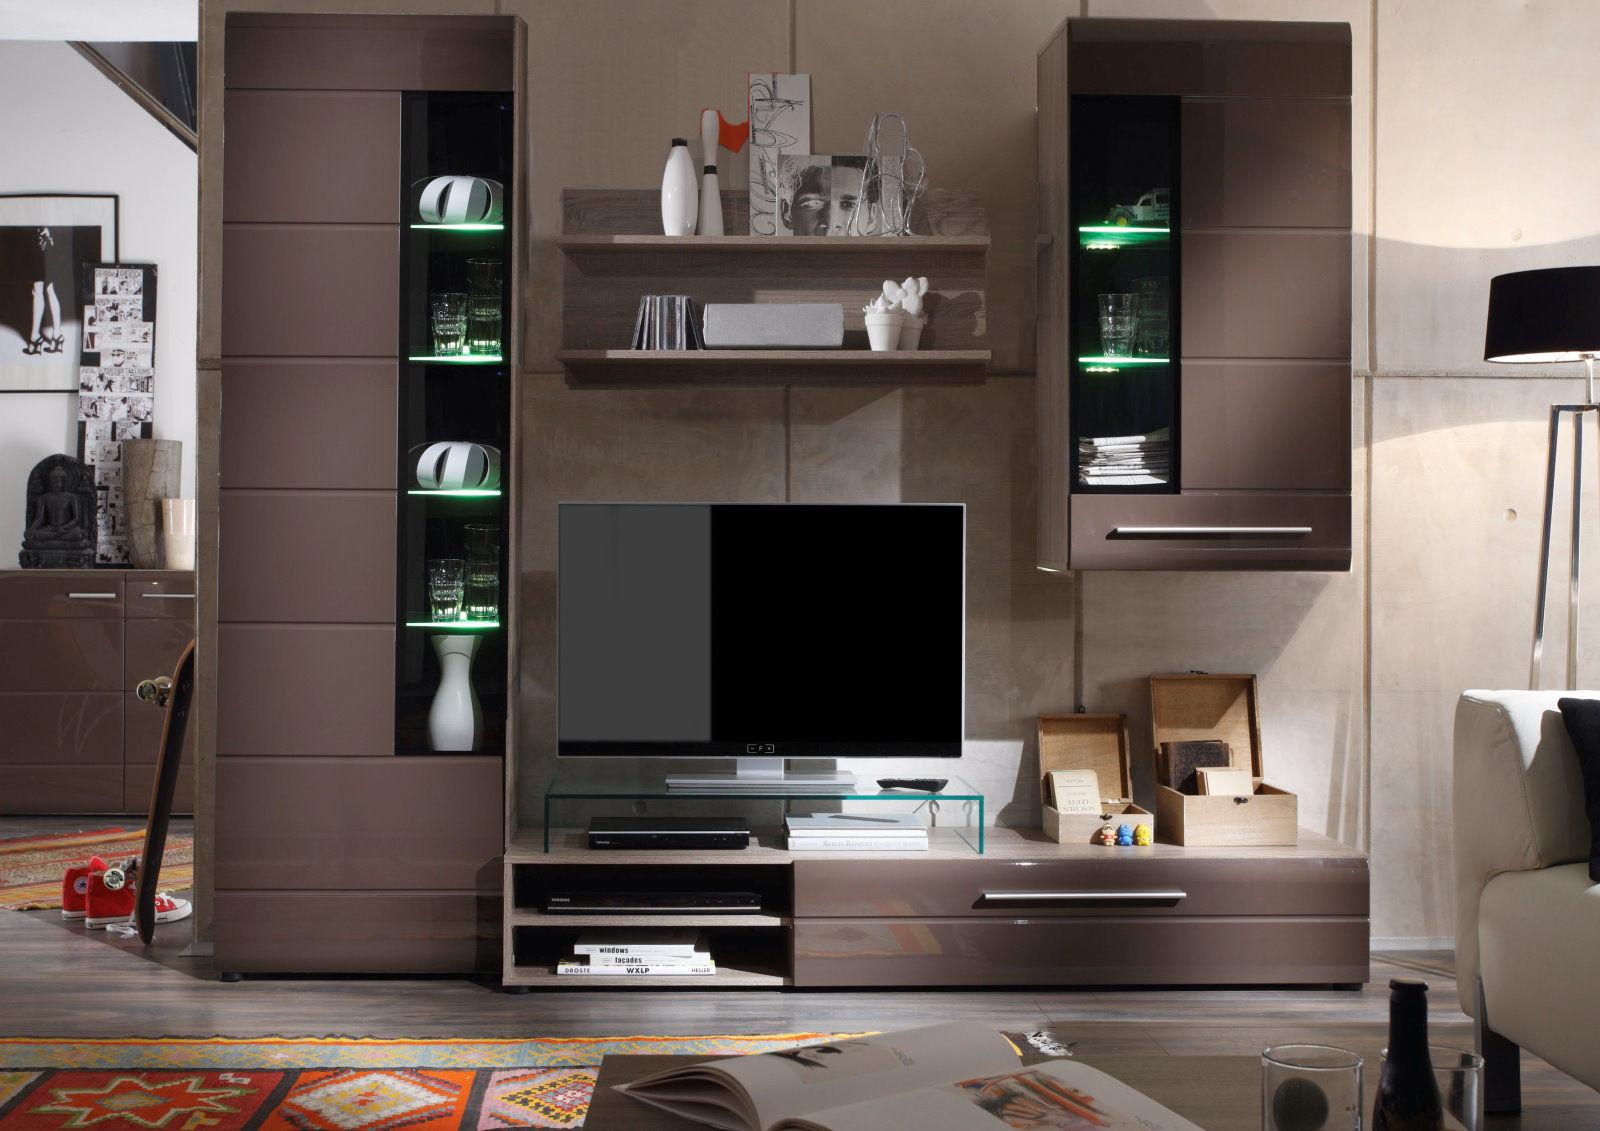 vitrine john trend beleuchtung wohnzimmer schrank m bel. Black Bedroom Furniture Sets. Home Design Ideas